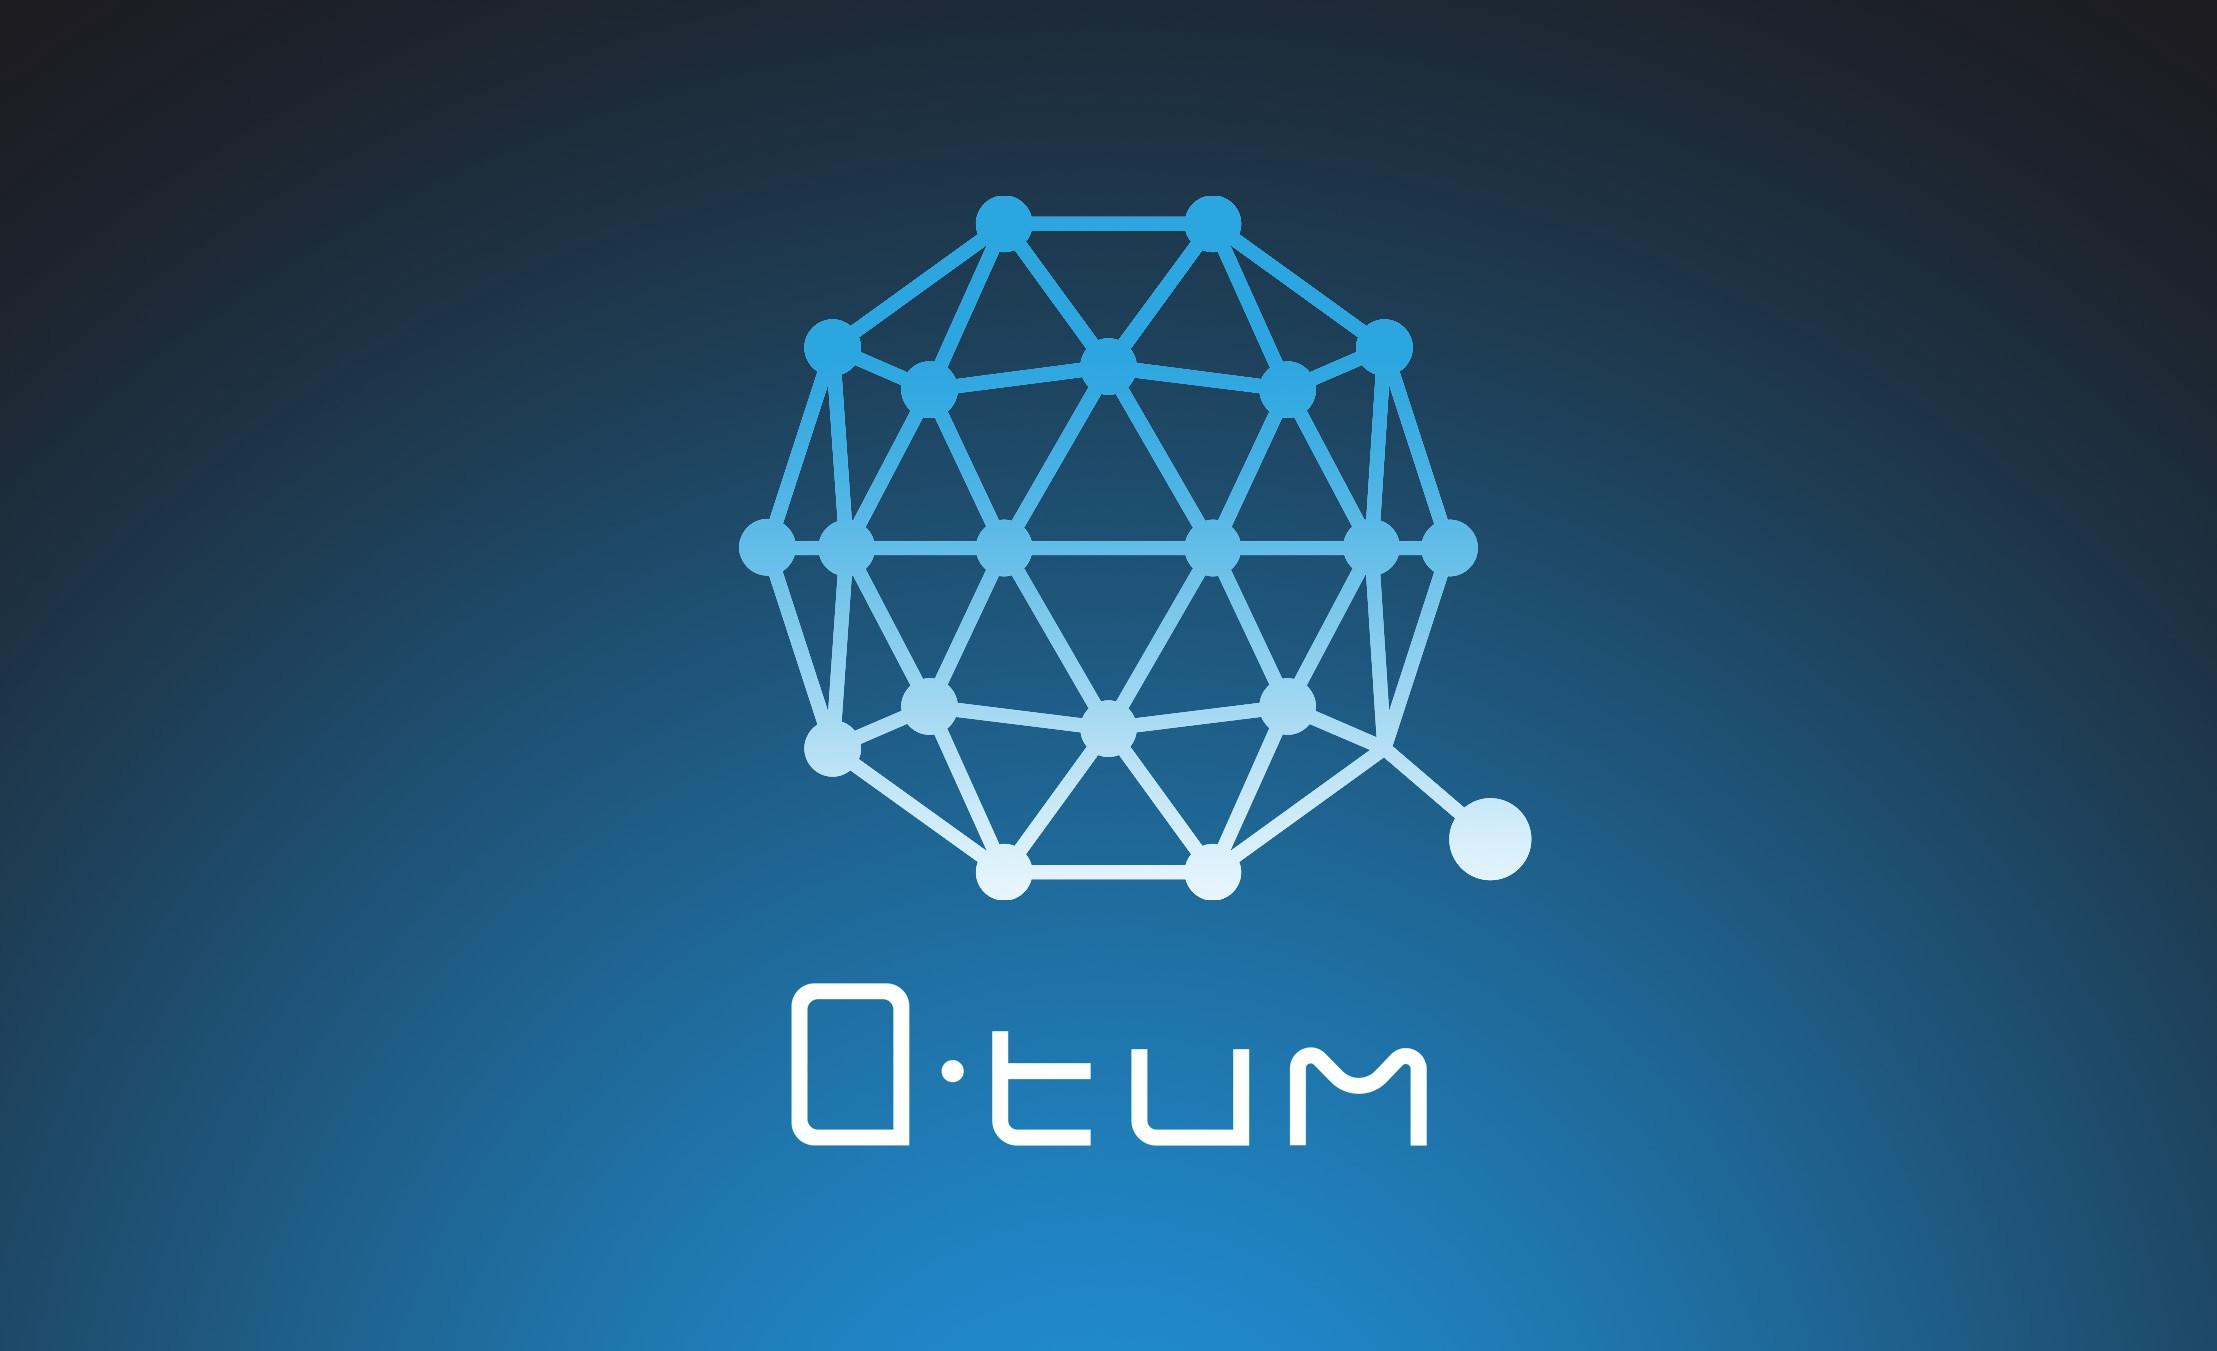 /qtum-building-a-better-blockchain-governance-e2188cc34422 feature image